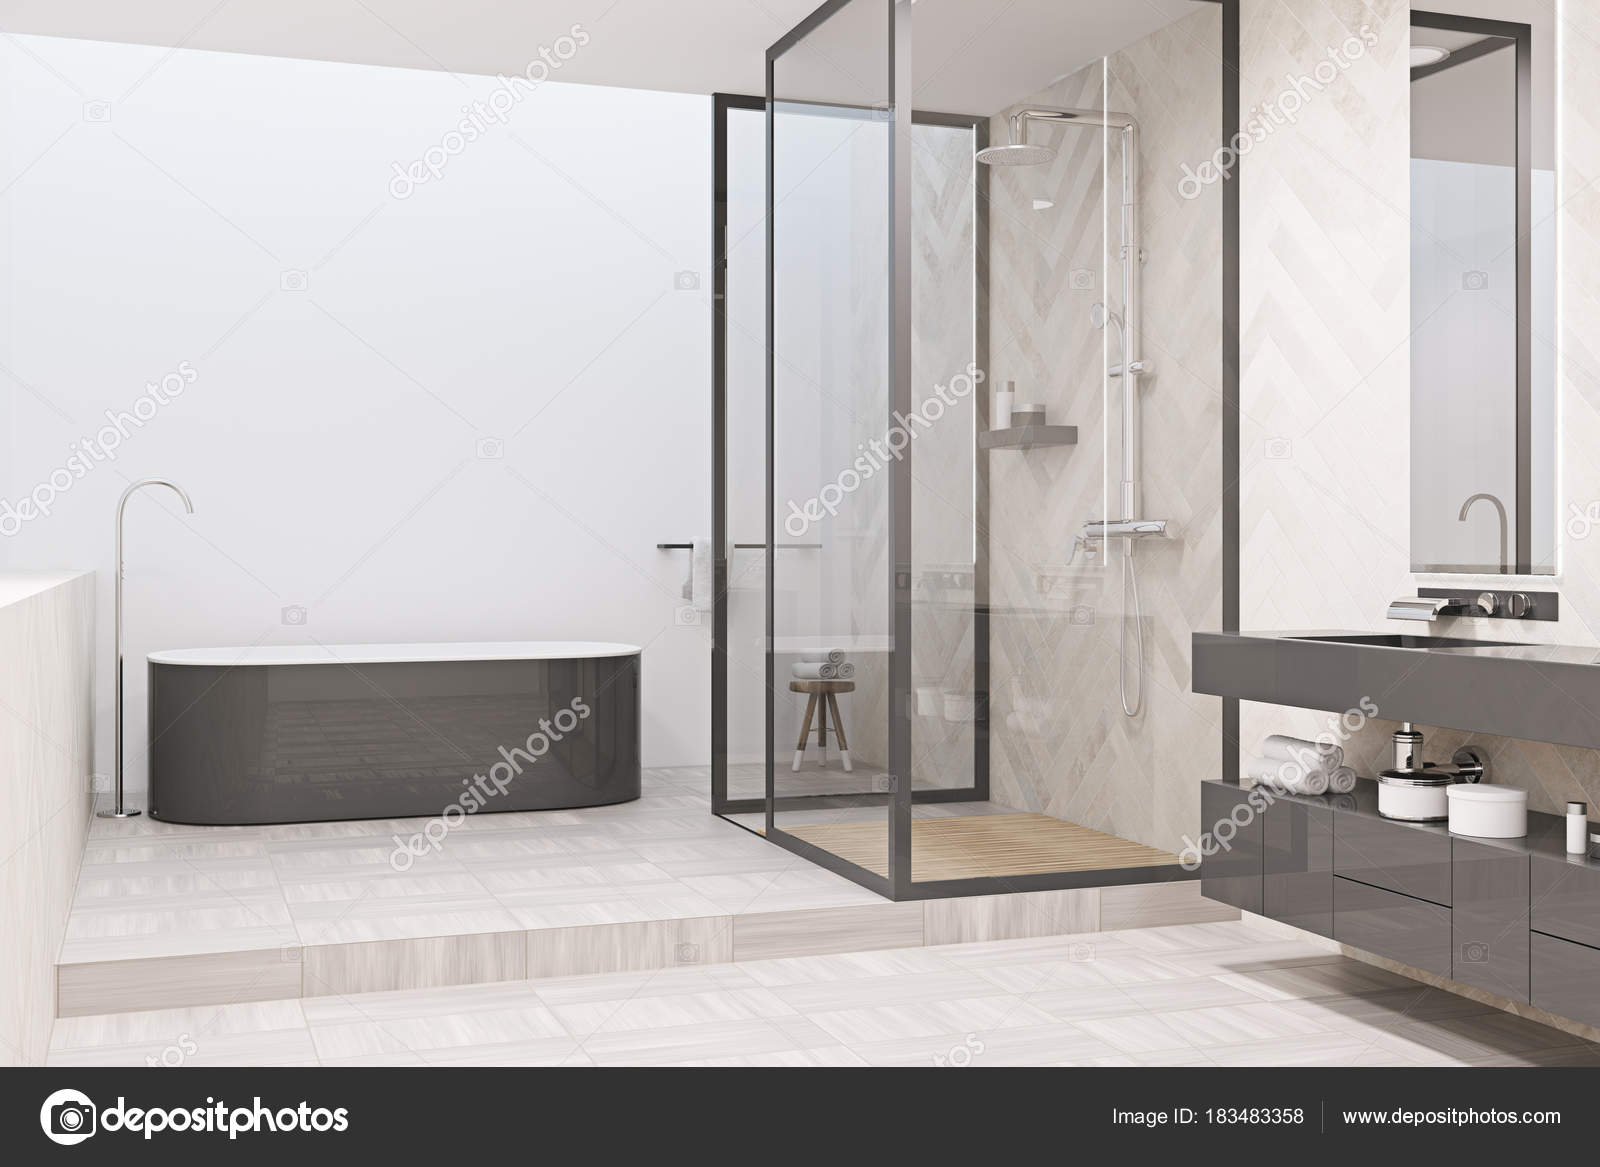 https://st3.depositphotos.com/2673929/18348/i/1600/depositphotos_183483358-stockafbeelding-moderne-badkamer-hoek-met-een.jpg